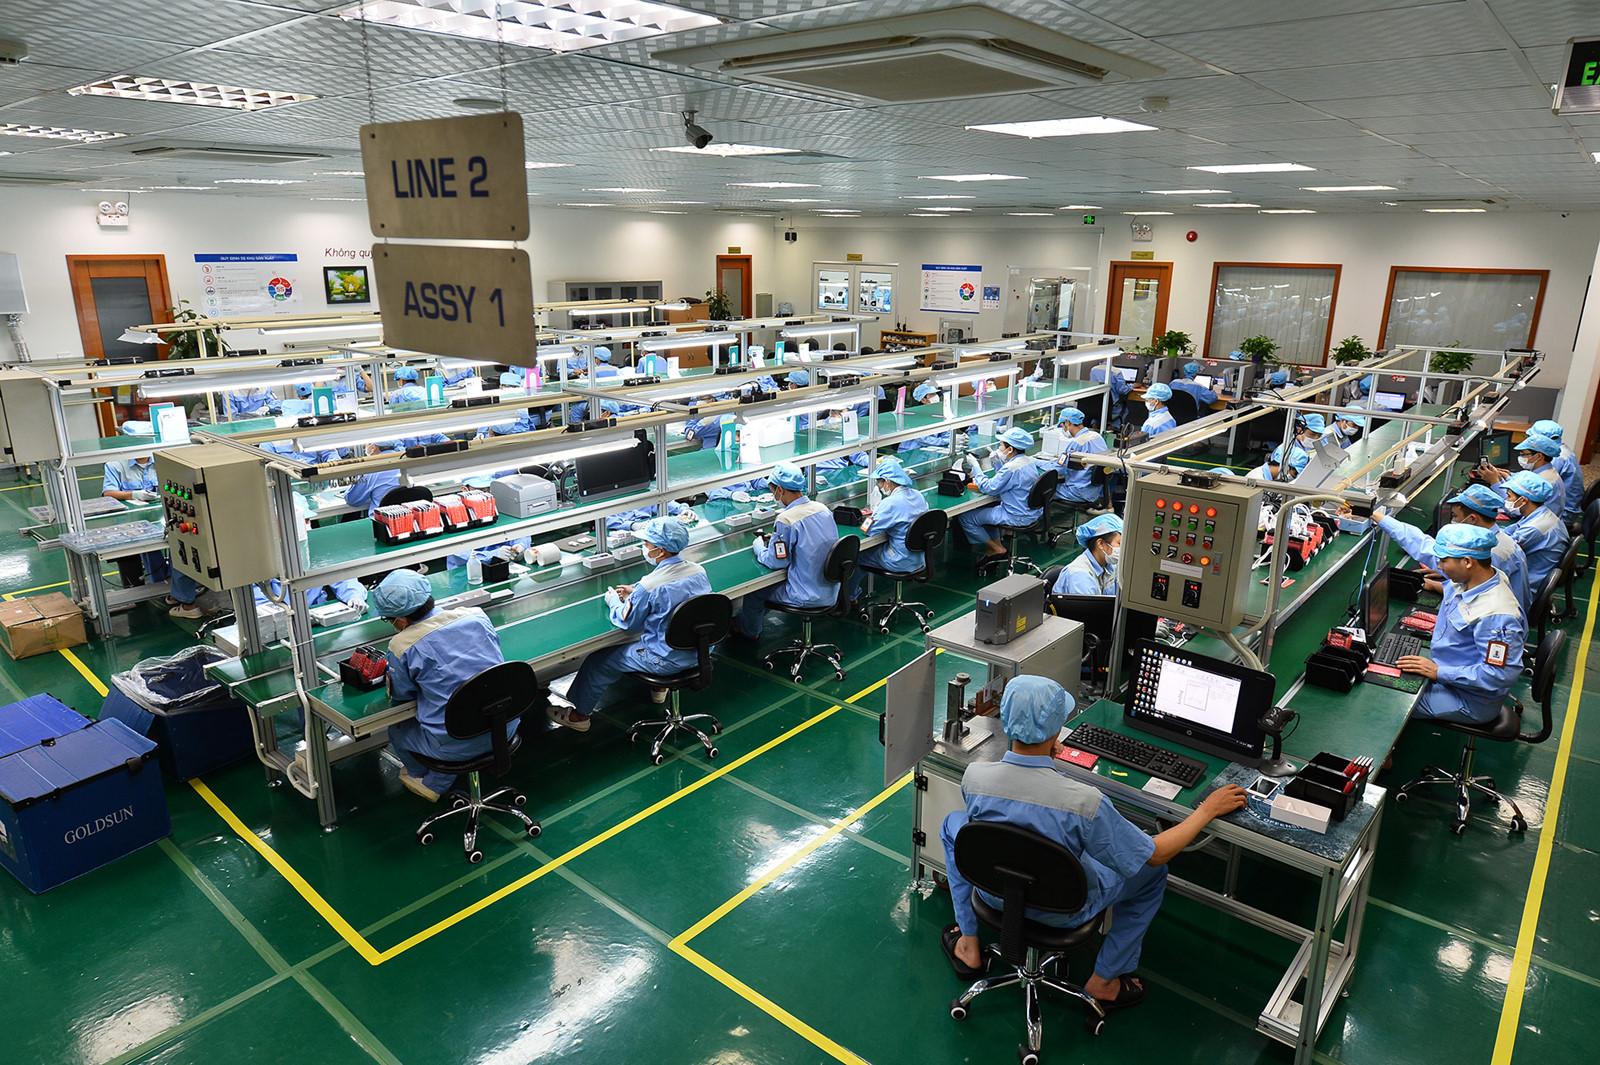 Hoa Kỳ dẫn đầu đầu tư FDI vào TP.HCM